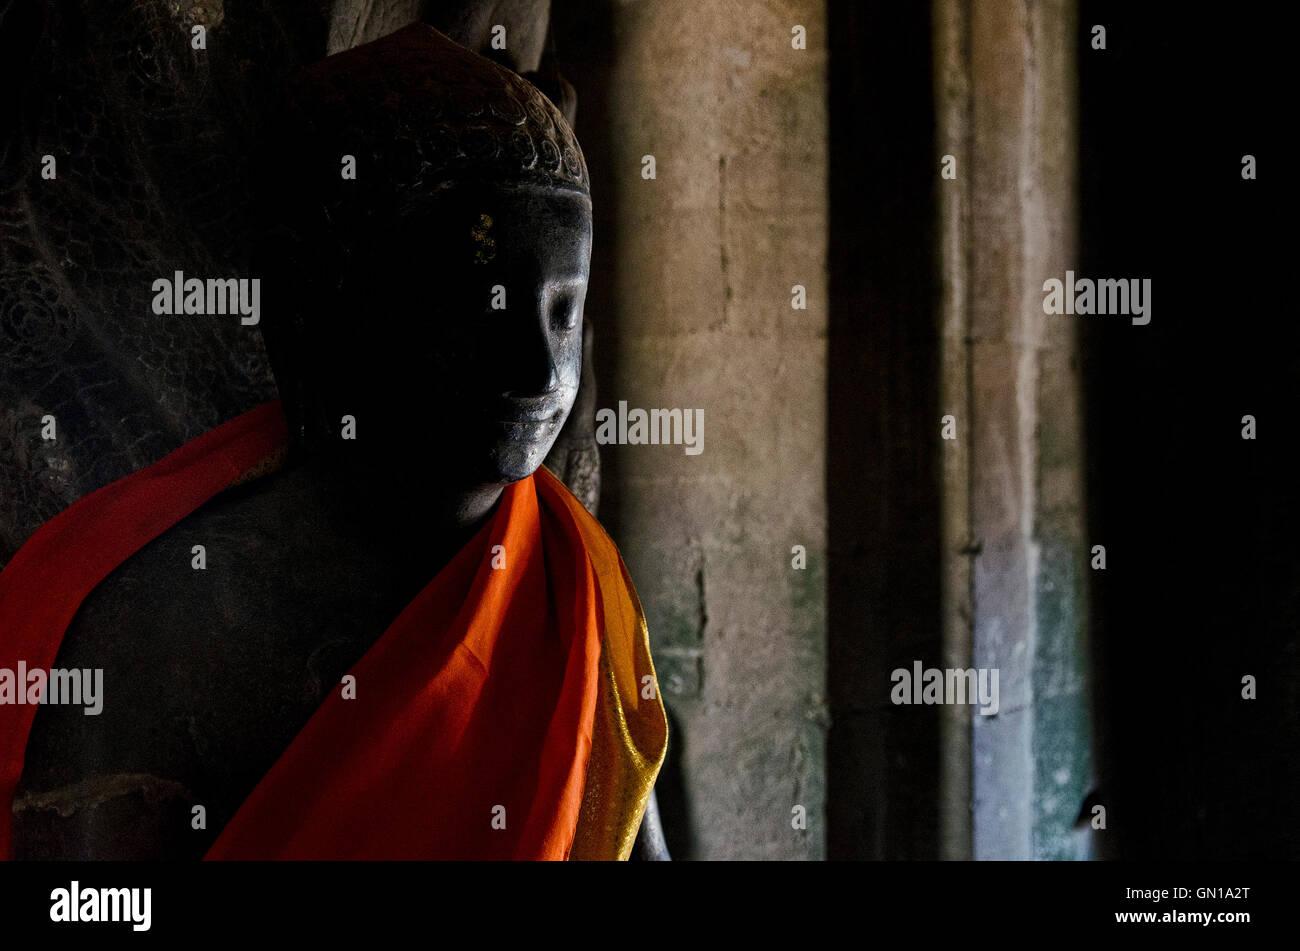 Buddha-Statue in Angkor Wat Wahrzeichen berühmten buddhistischen Tempel in Siem reap Kambodscha Asien Stockbild